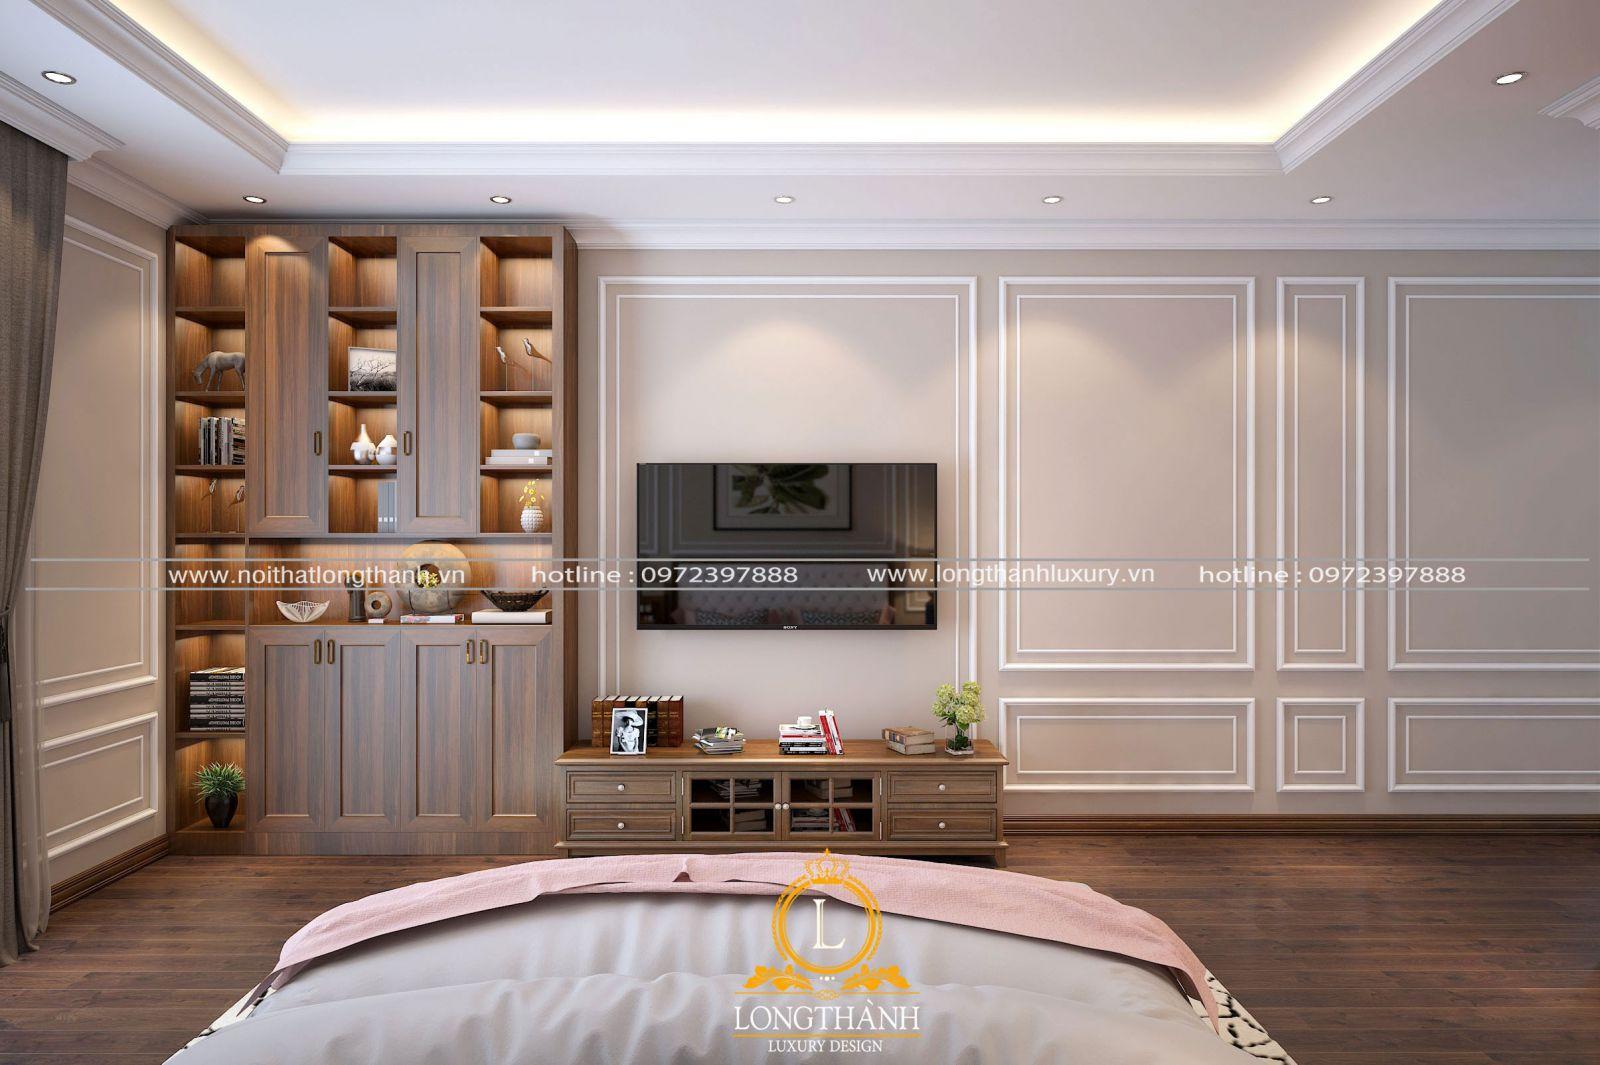 Kệ tivi cùng tủ trang trí gỗ Gõ đỏ ấn tượng